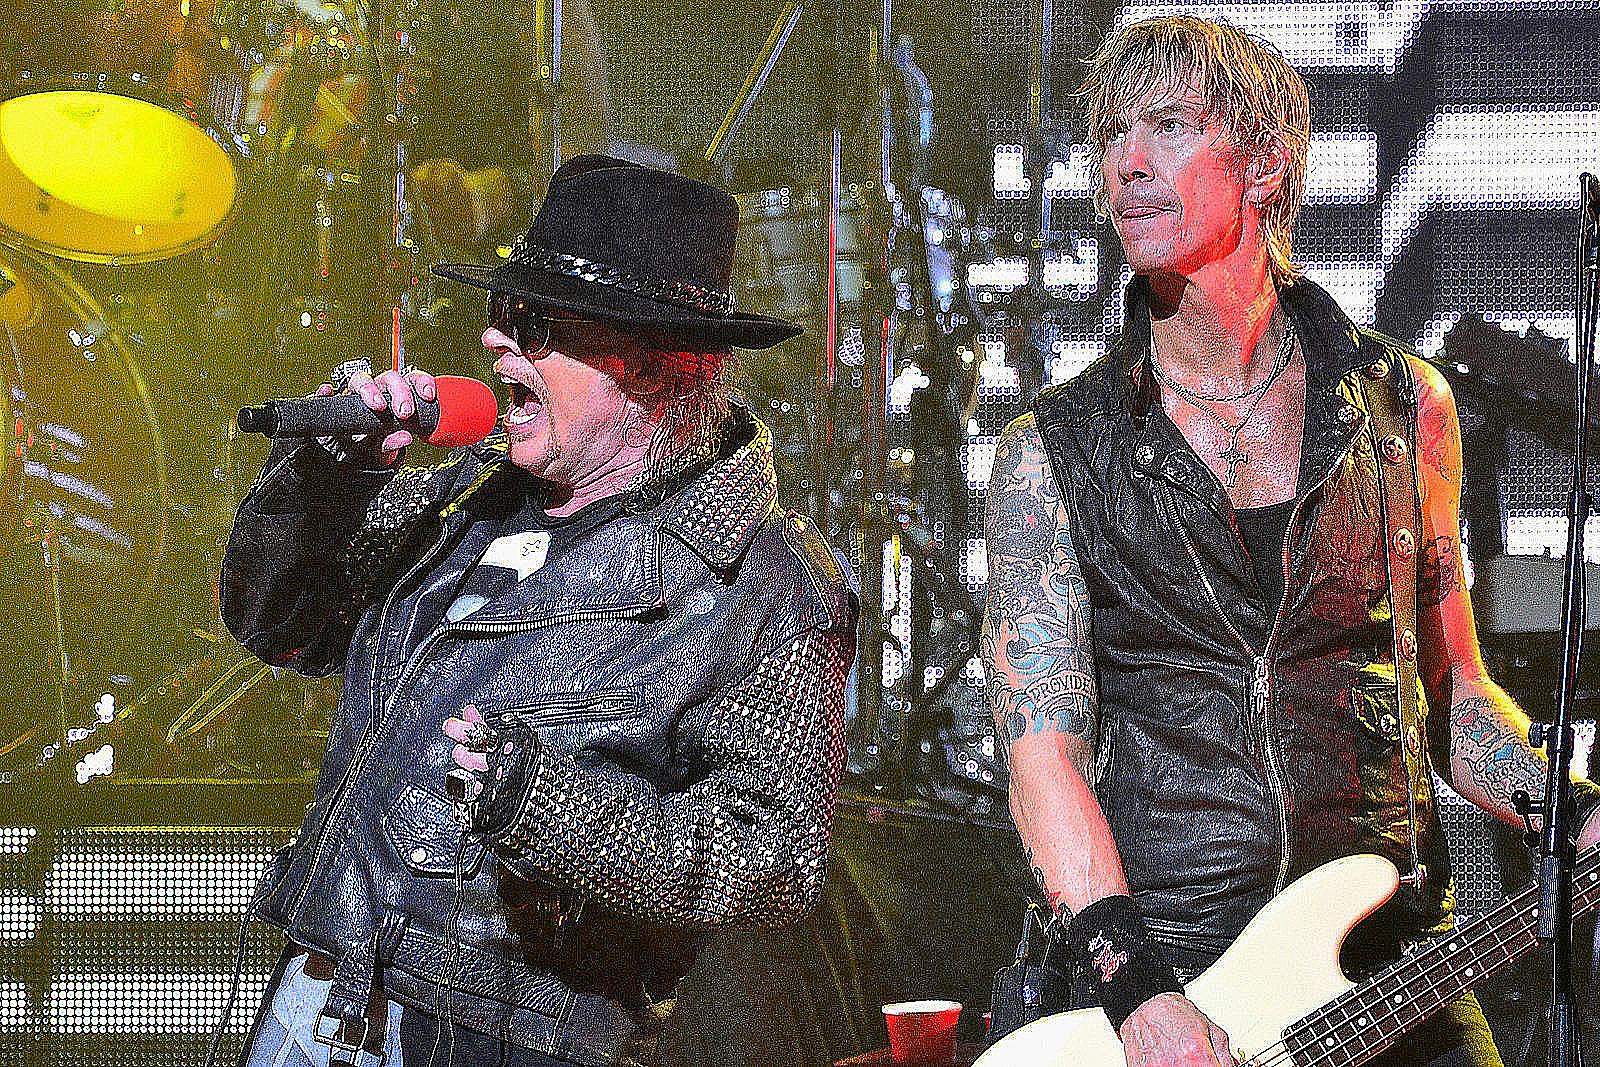 Watch Guns N' Roses Debut New Song 'Absurd'